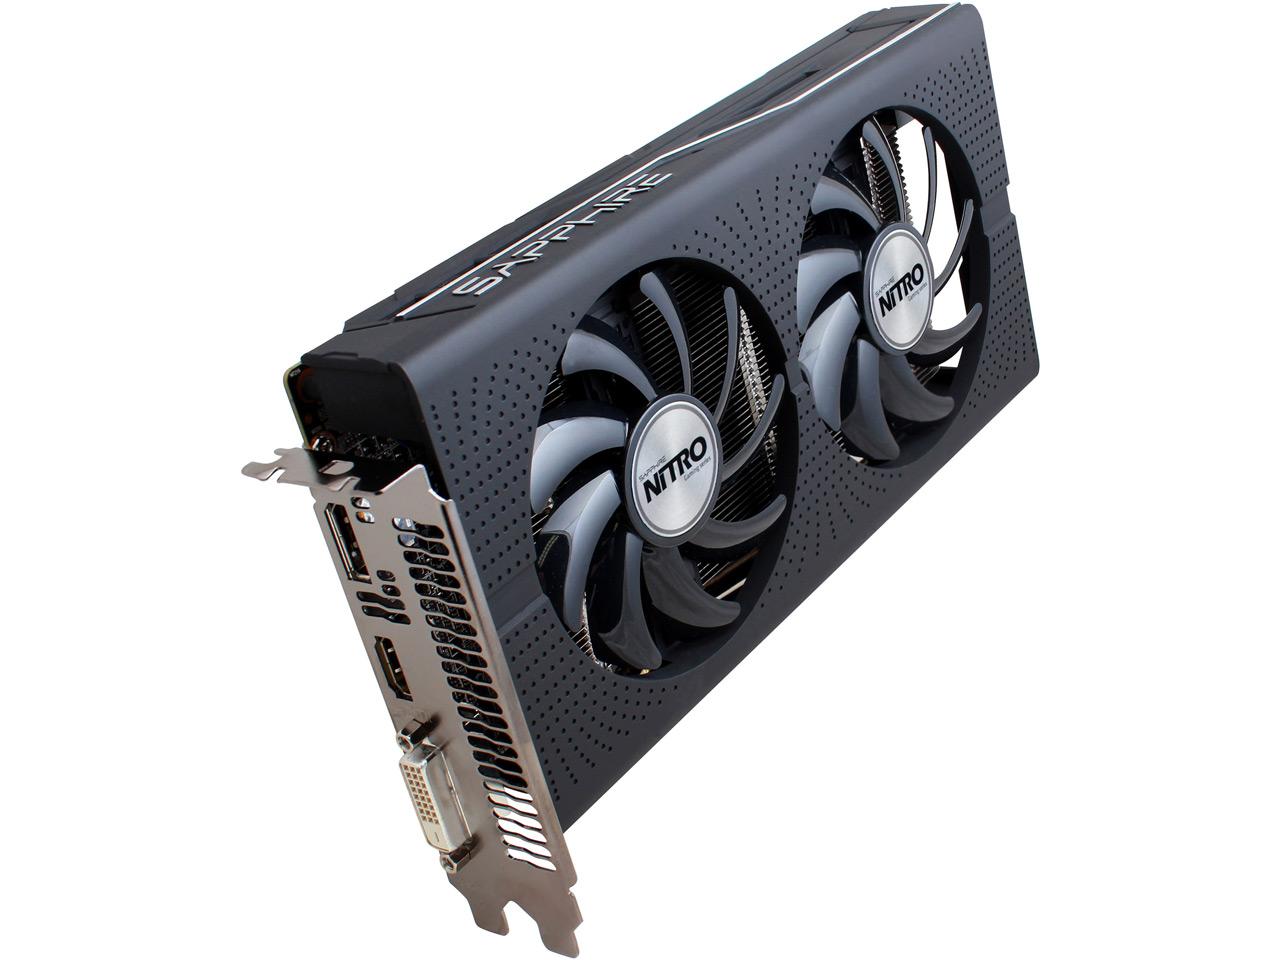 『本体3』 SAPPHIRE NITRO RX 460 4GD5 [PCIExp 4GB] の製品画像